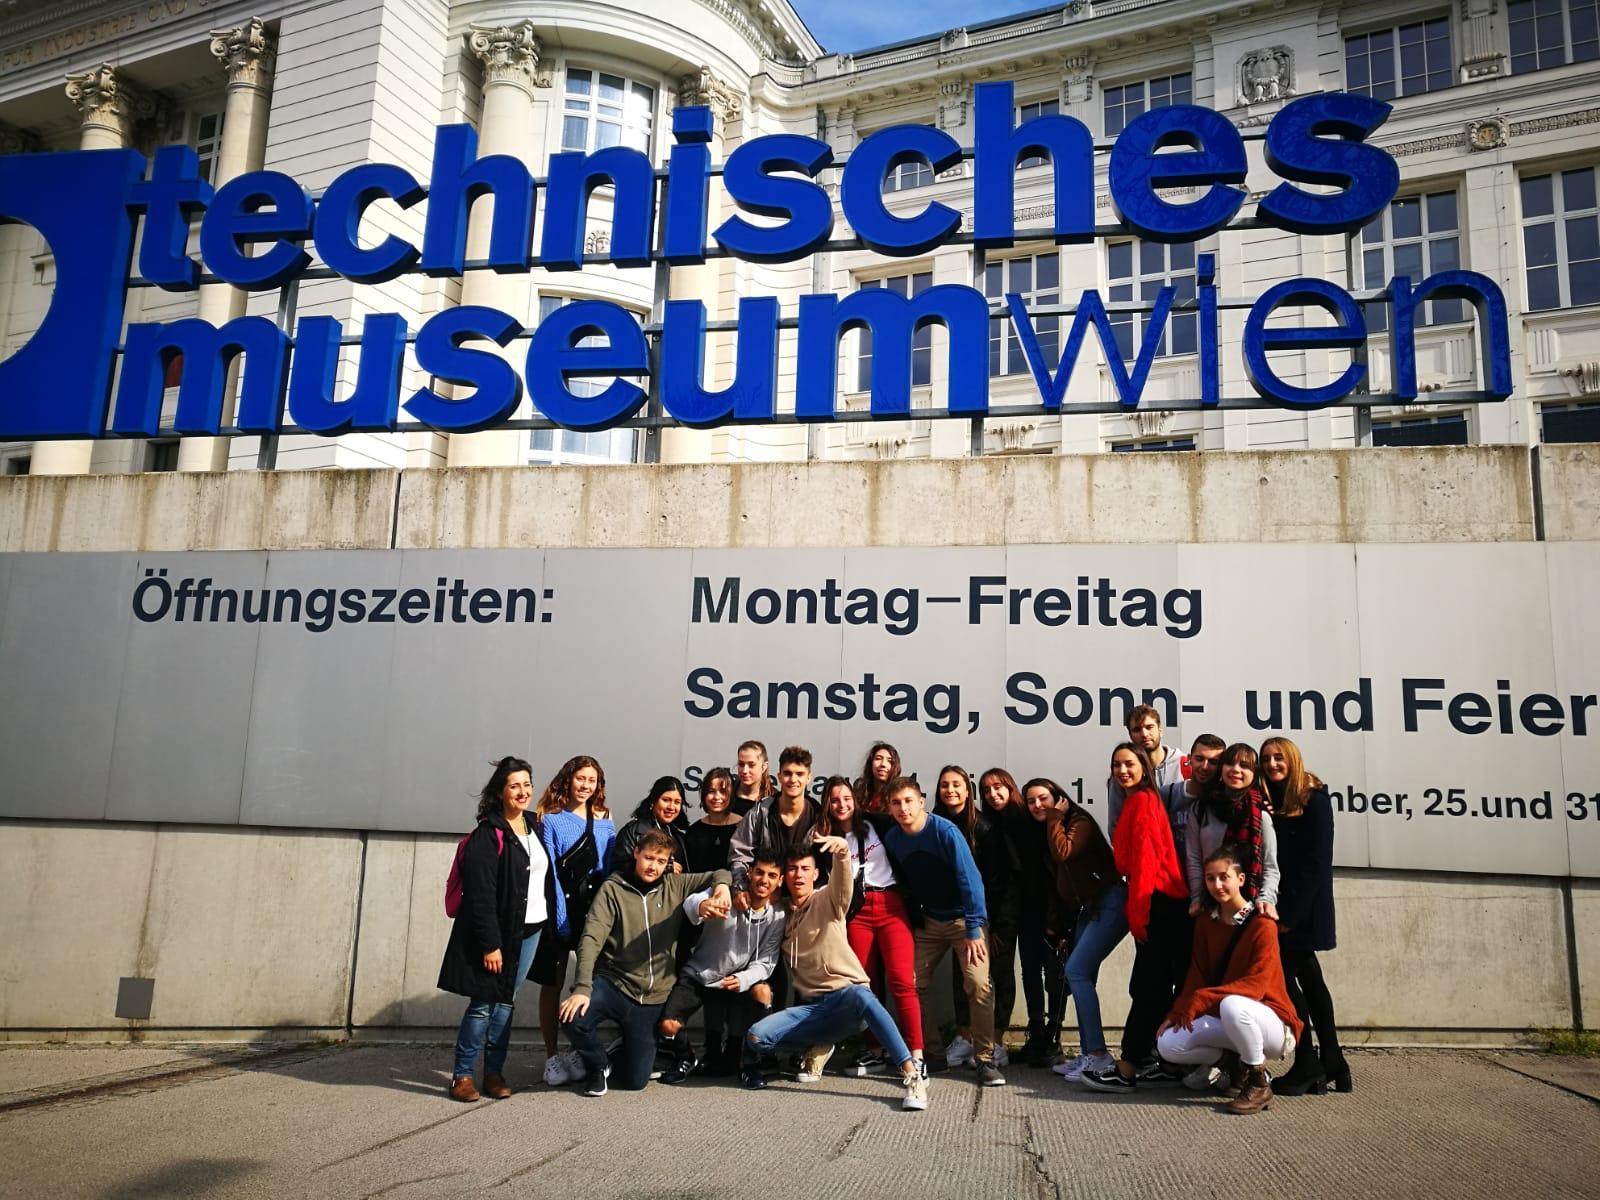 Imagen de la noticia: Viaje cultural a Viena (fotos)